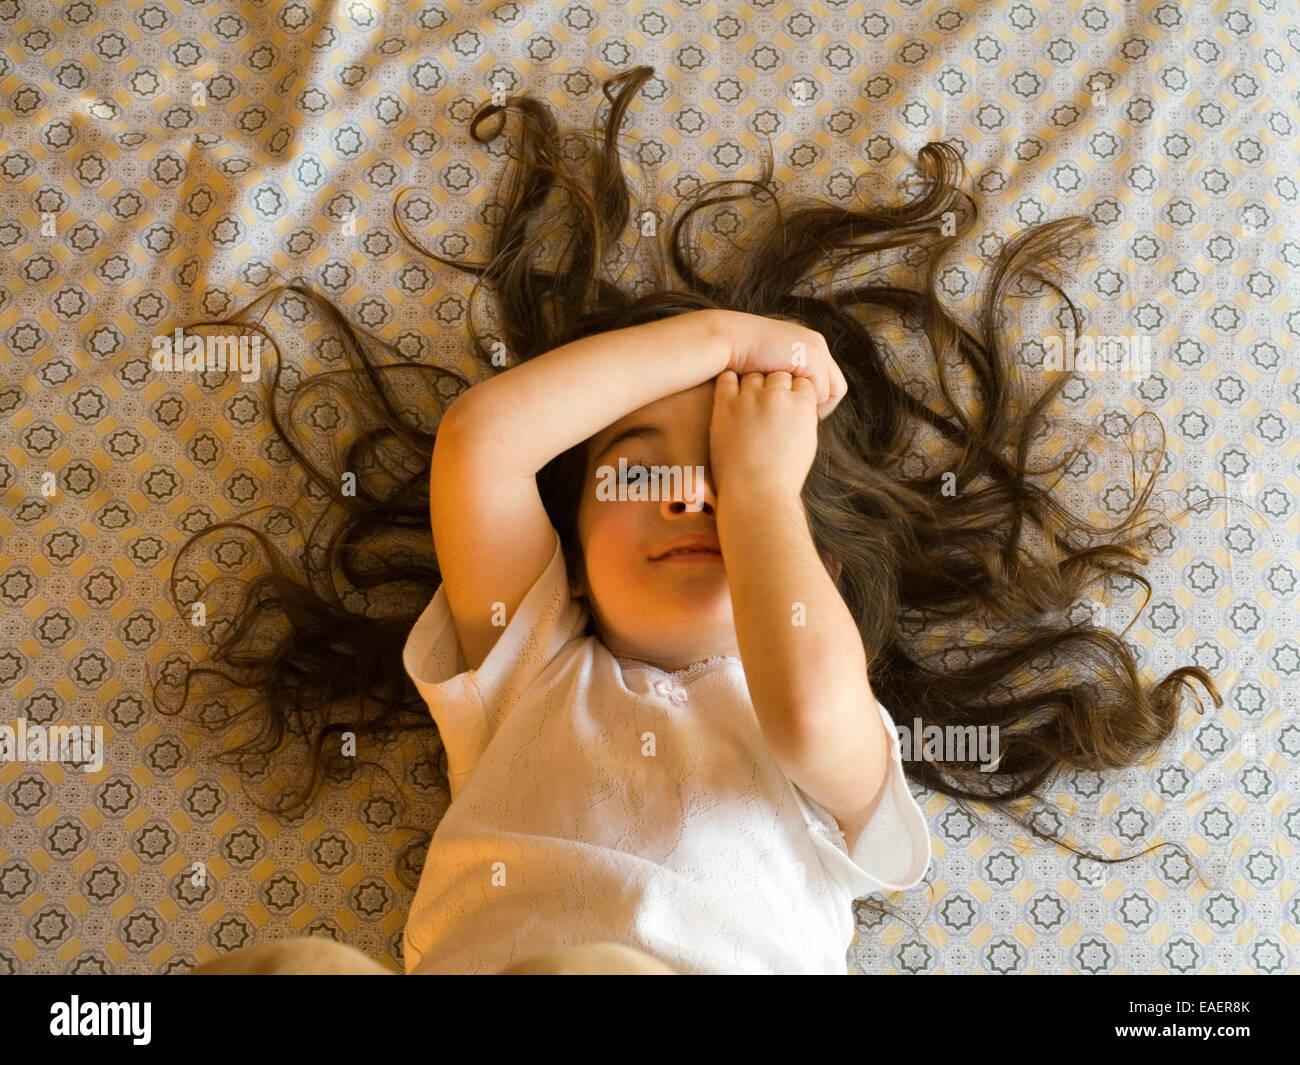 Joven con un montón de pelo de poner una cara graciosa mientras está acostada en la cama Imagen De Stock